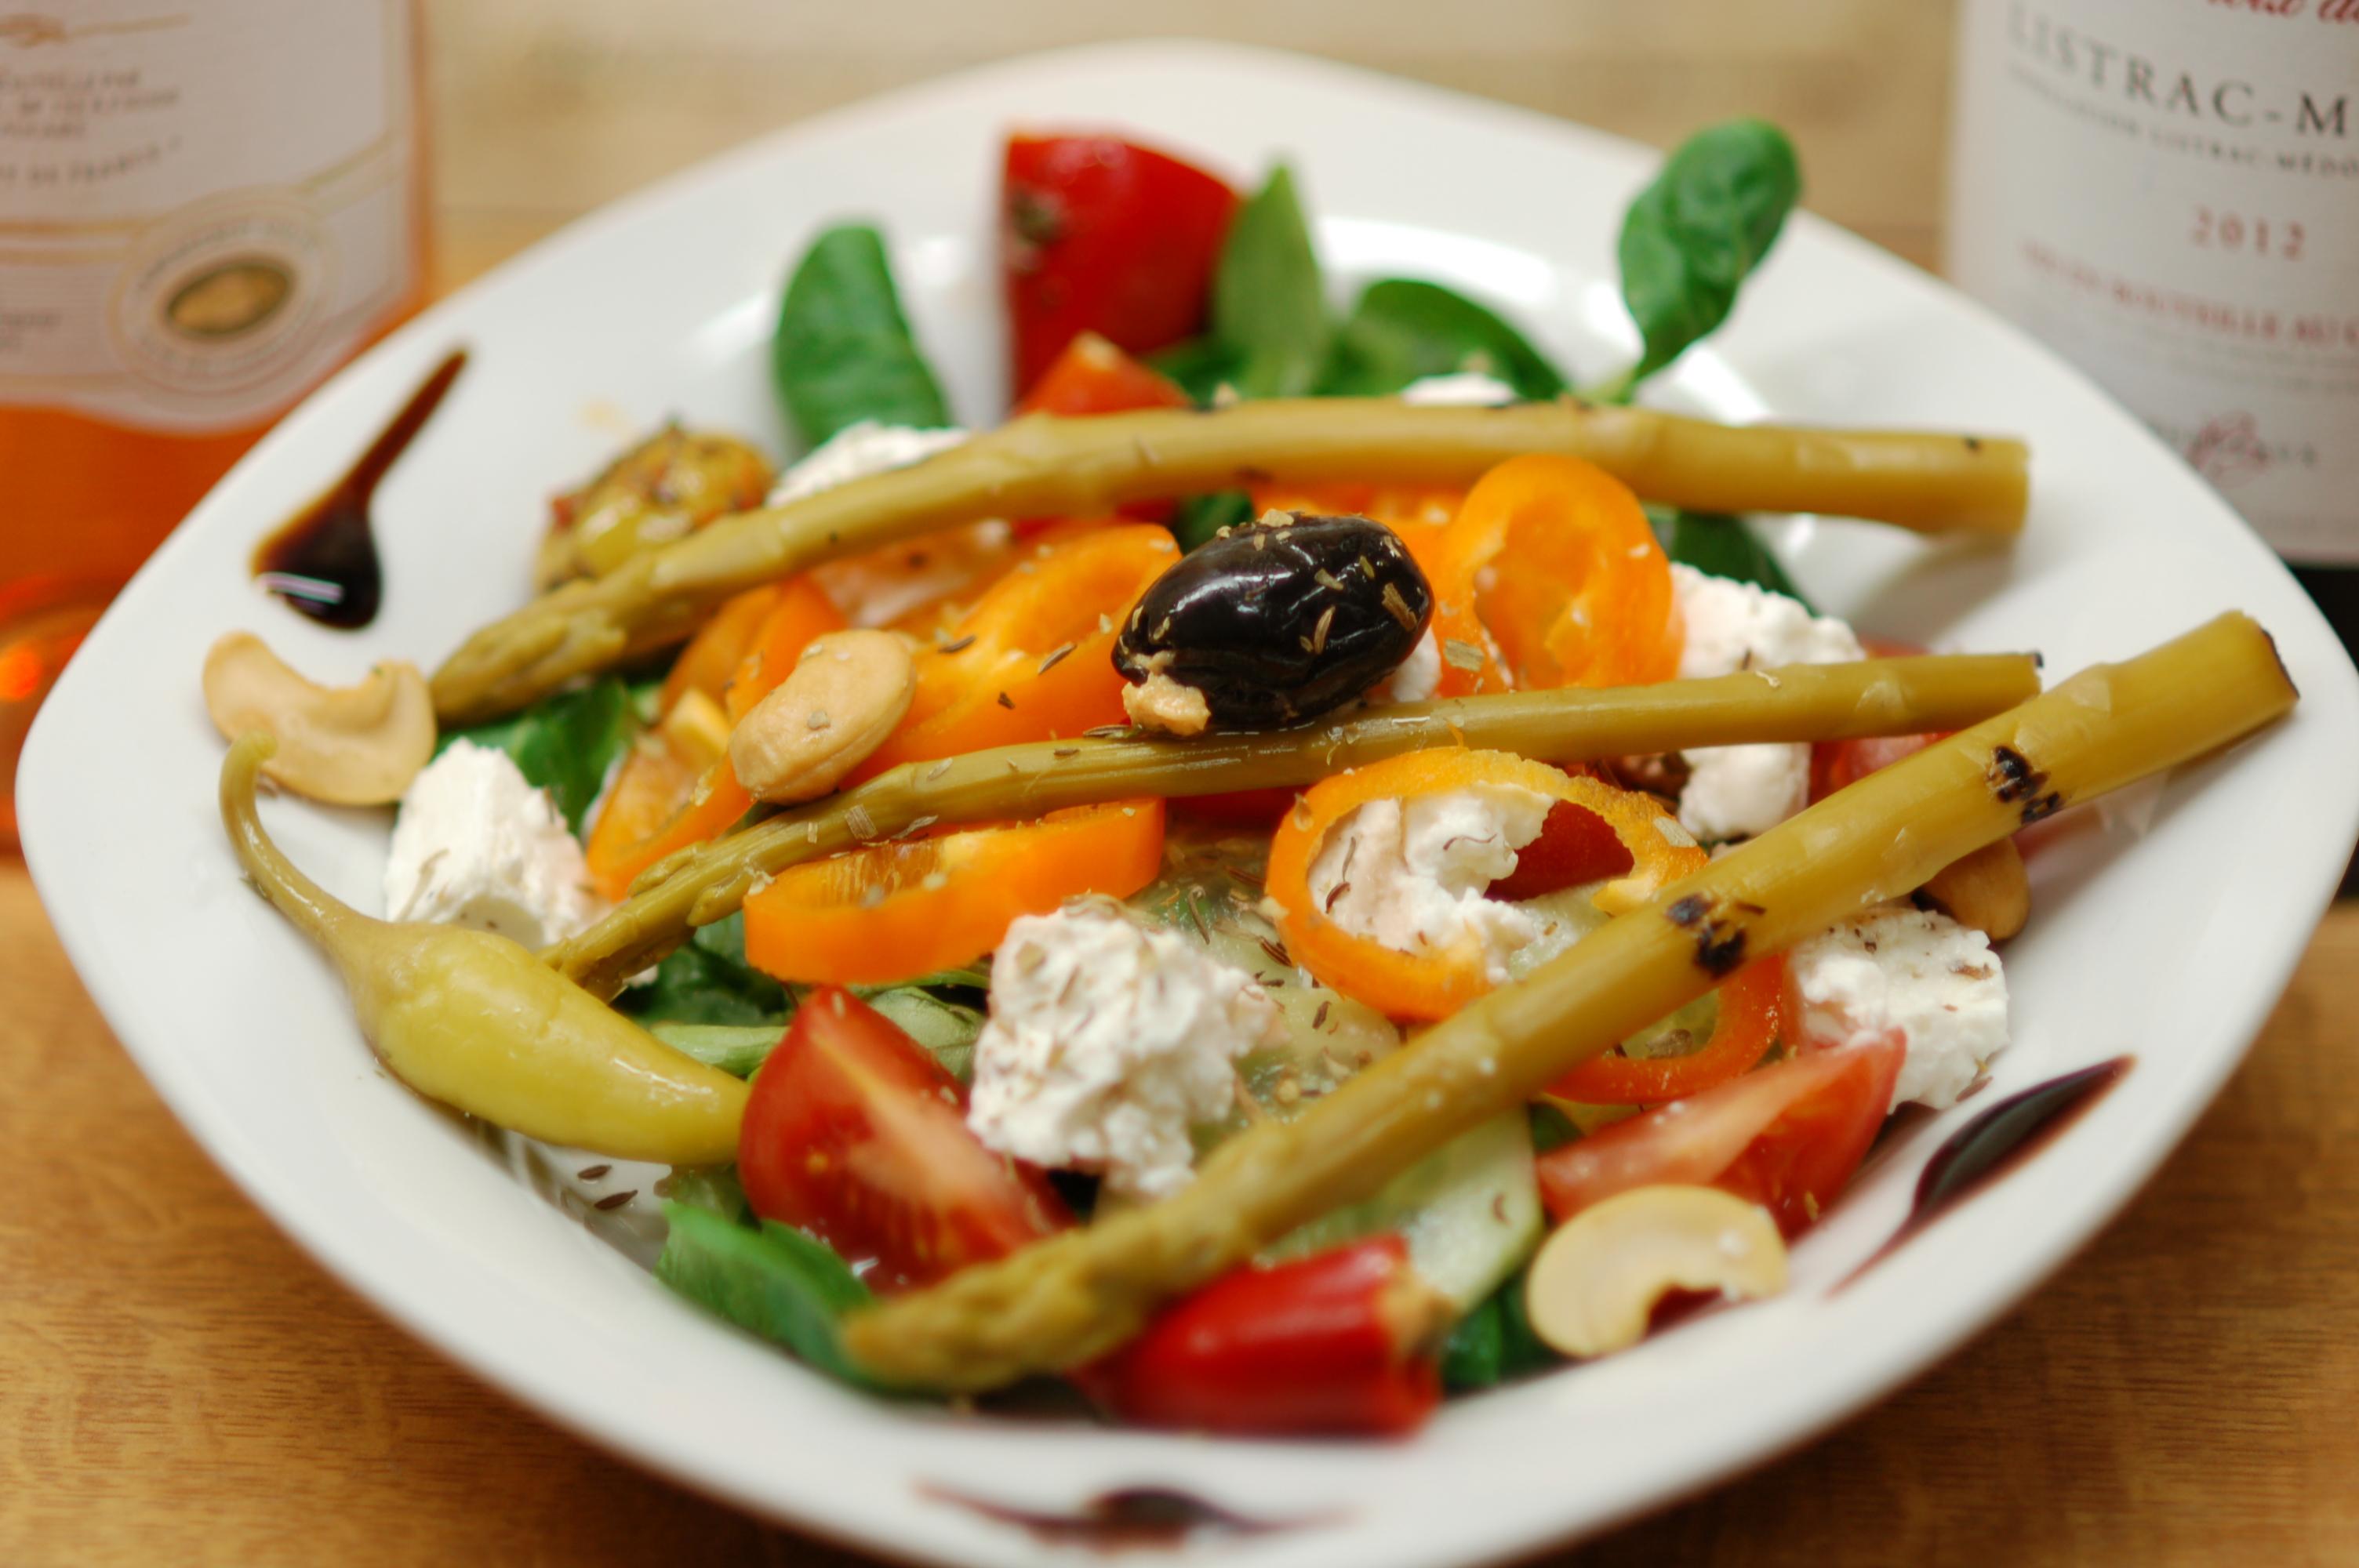 Delicious_Food_Salad